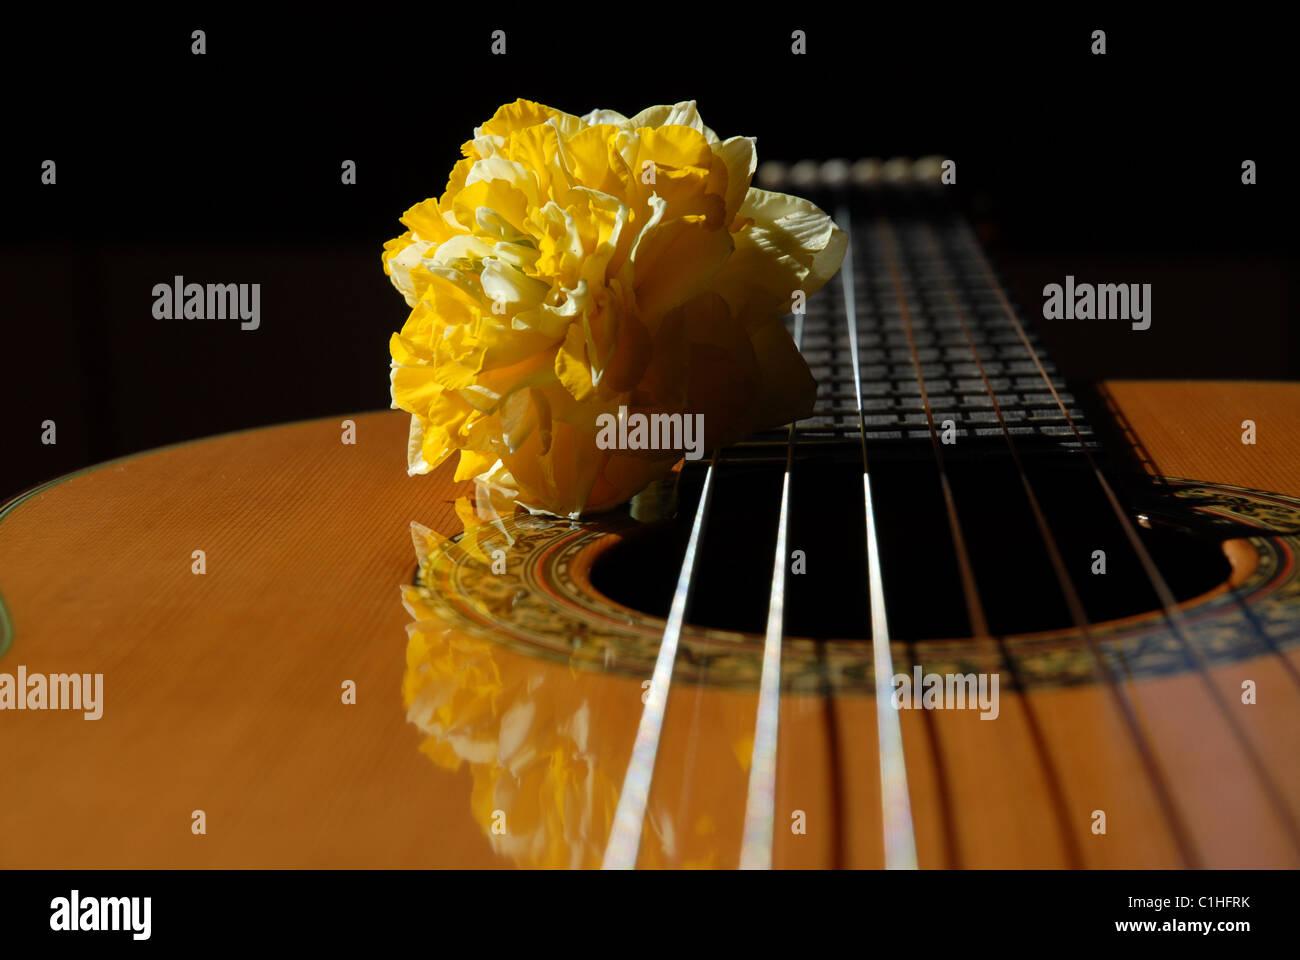 Guitar Sounds Stock Photos & Guitar Sounds Stock Images - Alamy